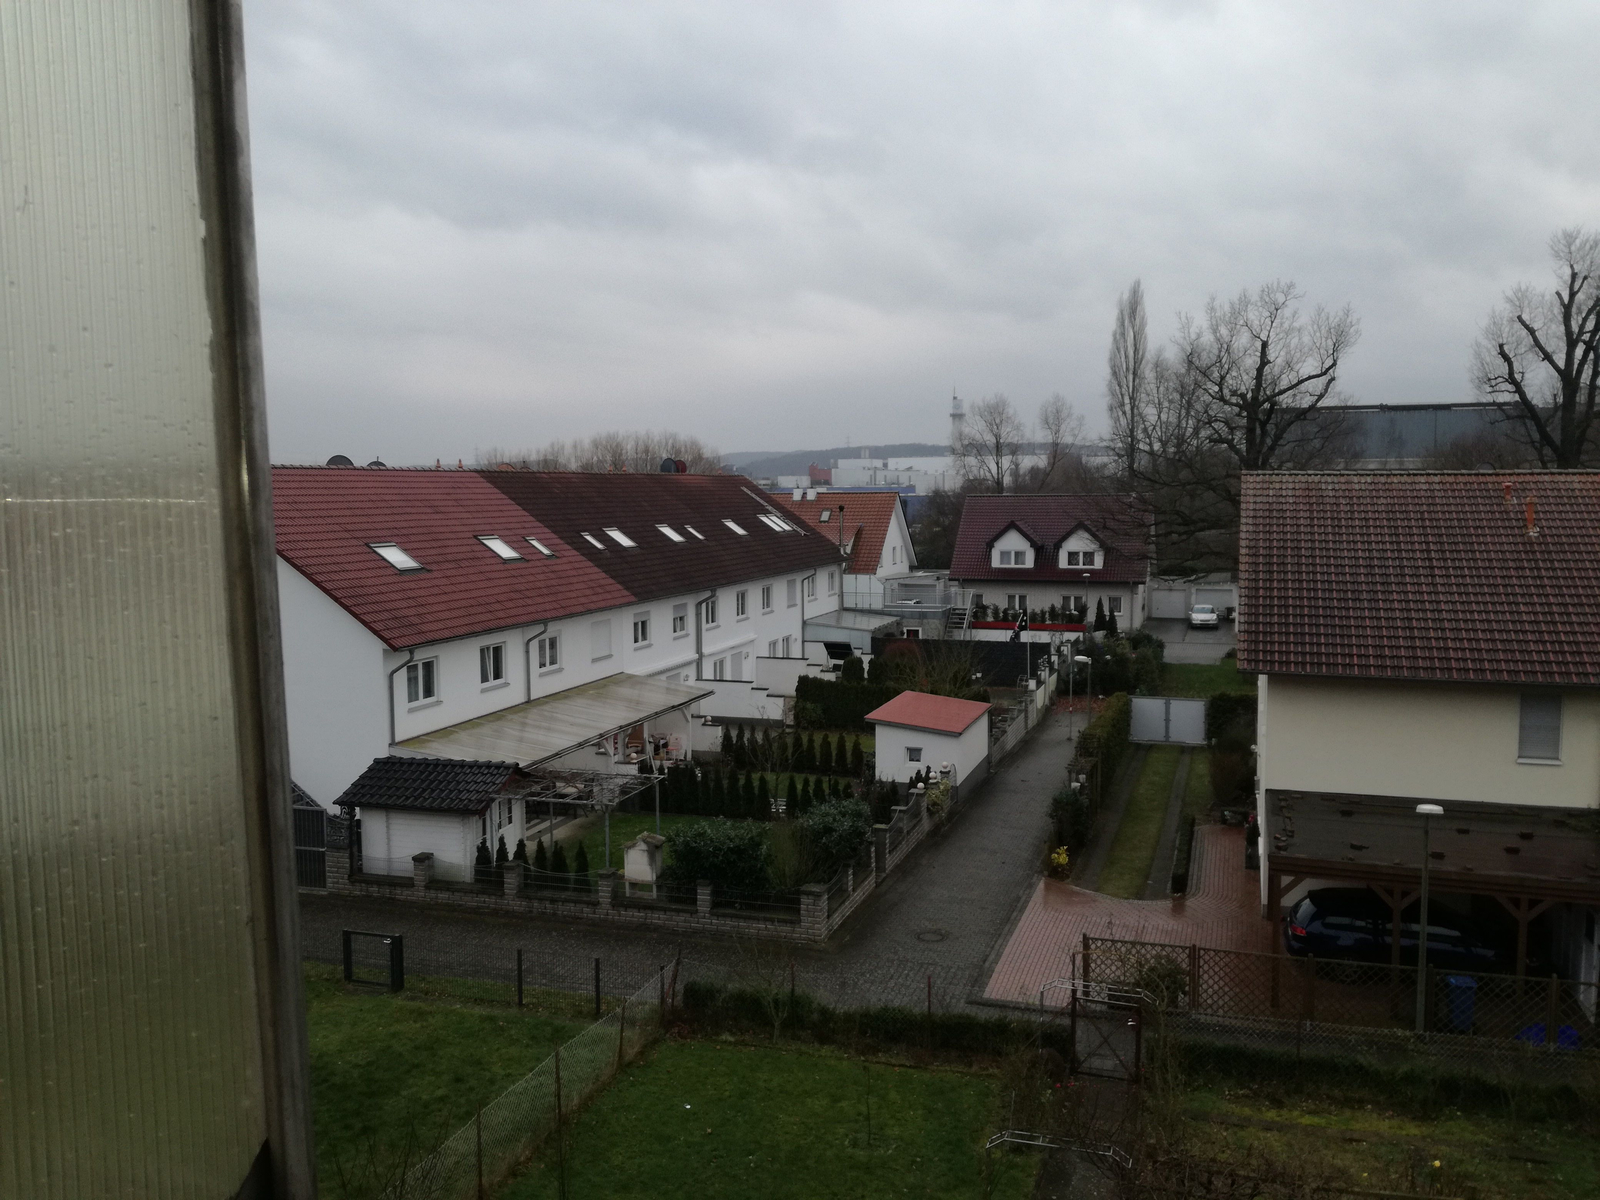 Wohnung Osnabrück über 2 Etagen